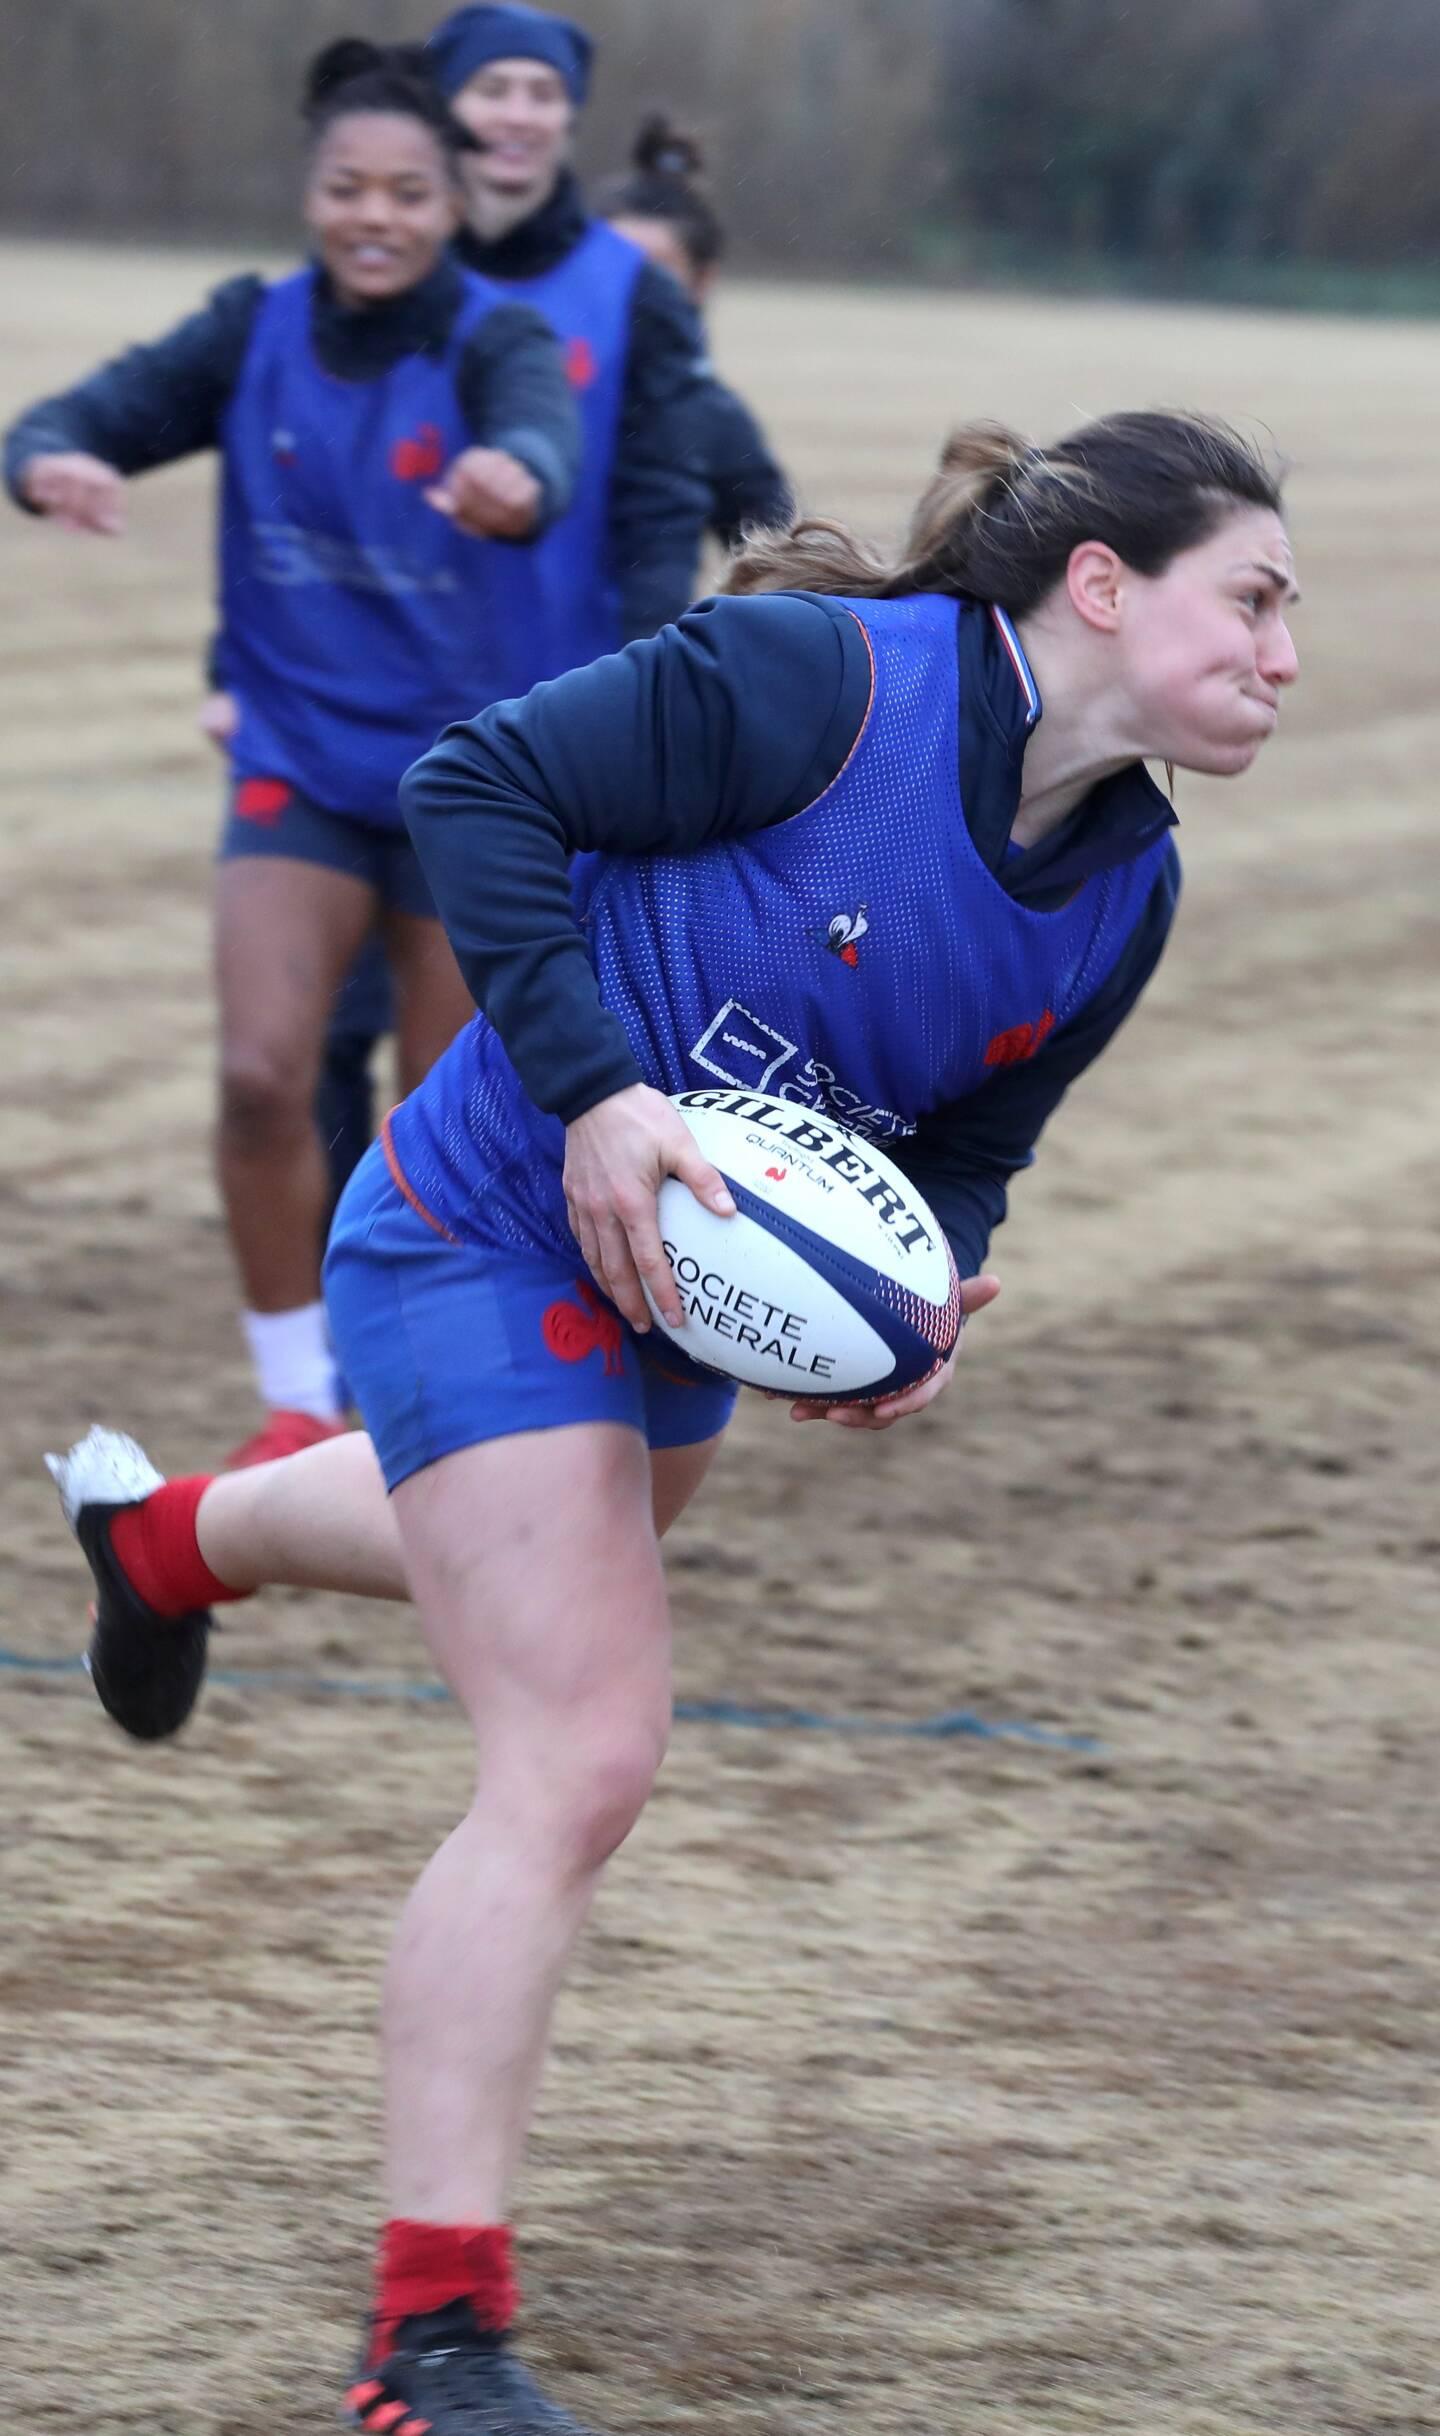 Entrainement de l'équipe de France féminine de rugby à 7 au polo club de Gassin (Var)